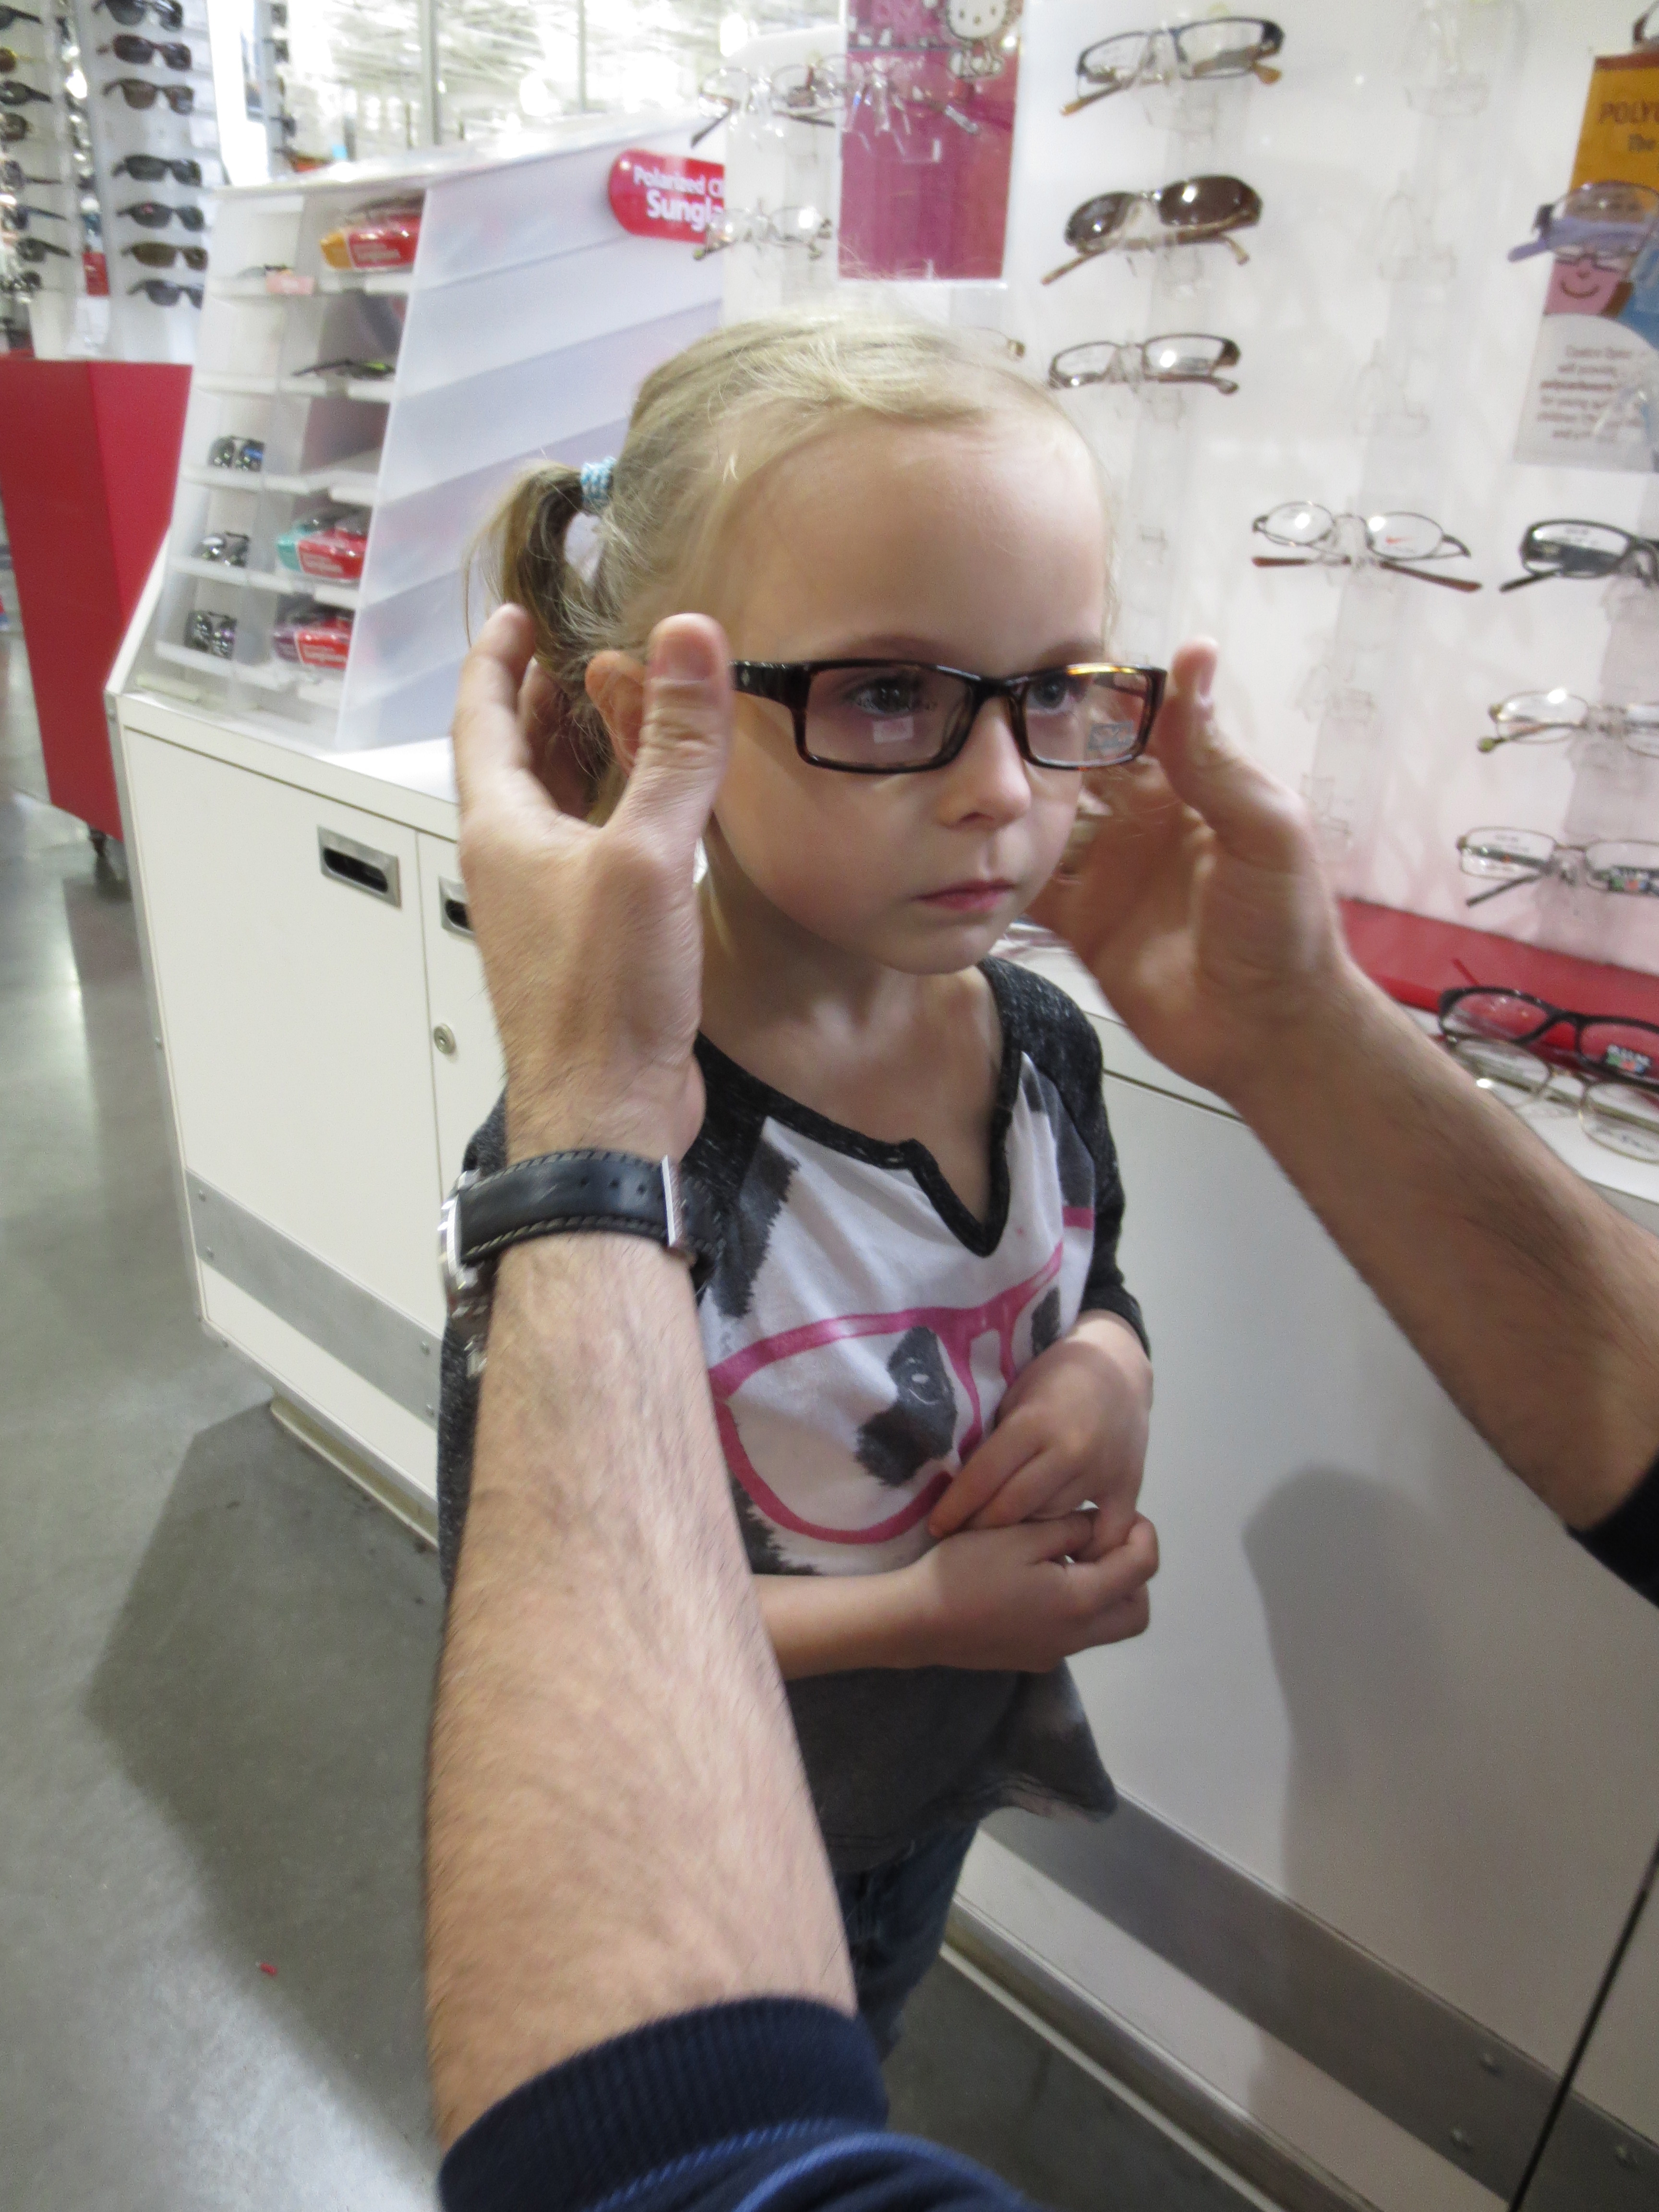 b5dcdc075d IGreta getting glasses   CostcoMG 5300